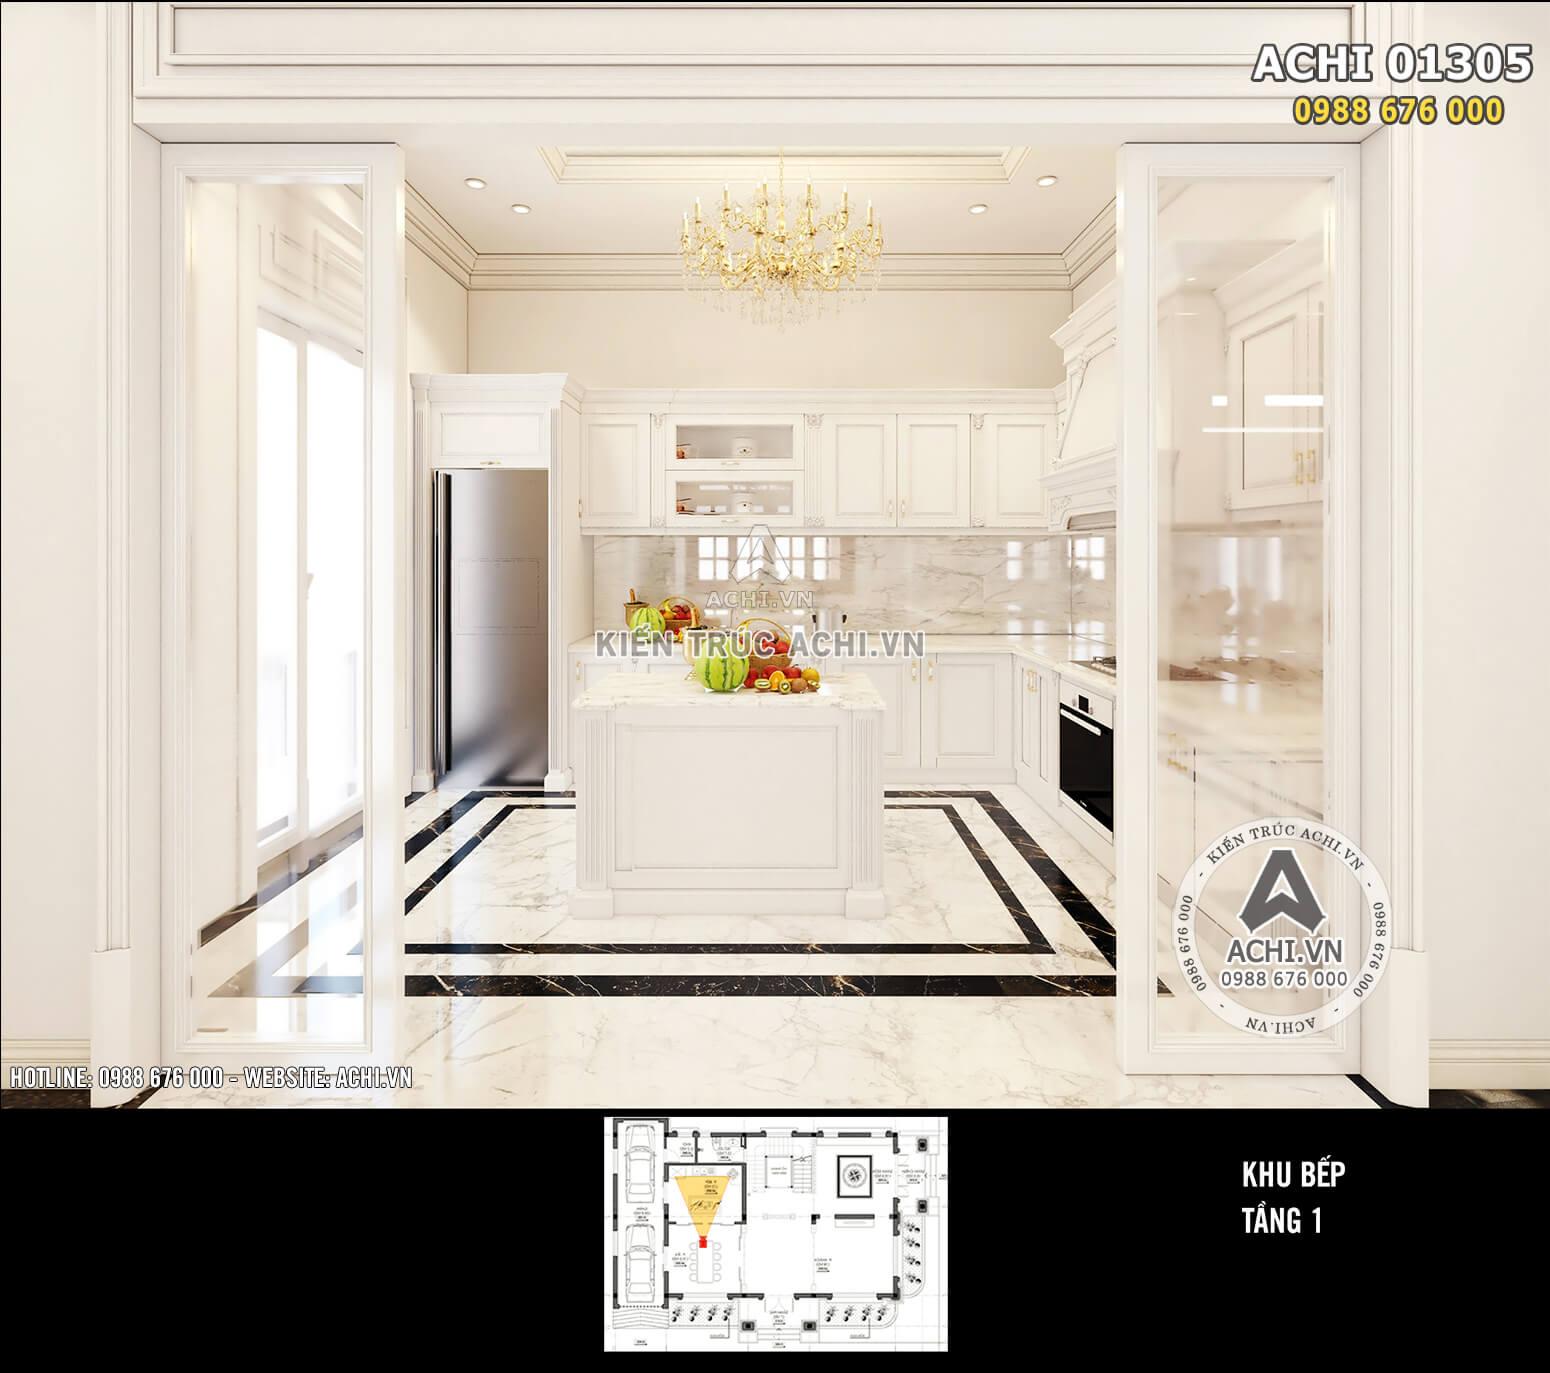 Thiết kế nội thất tân cổ điển vô cùng tiện nghi và sang trọng